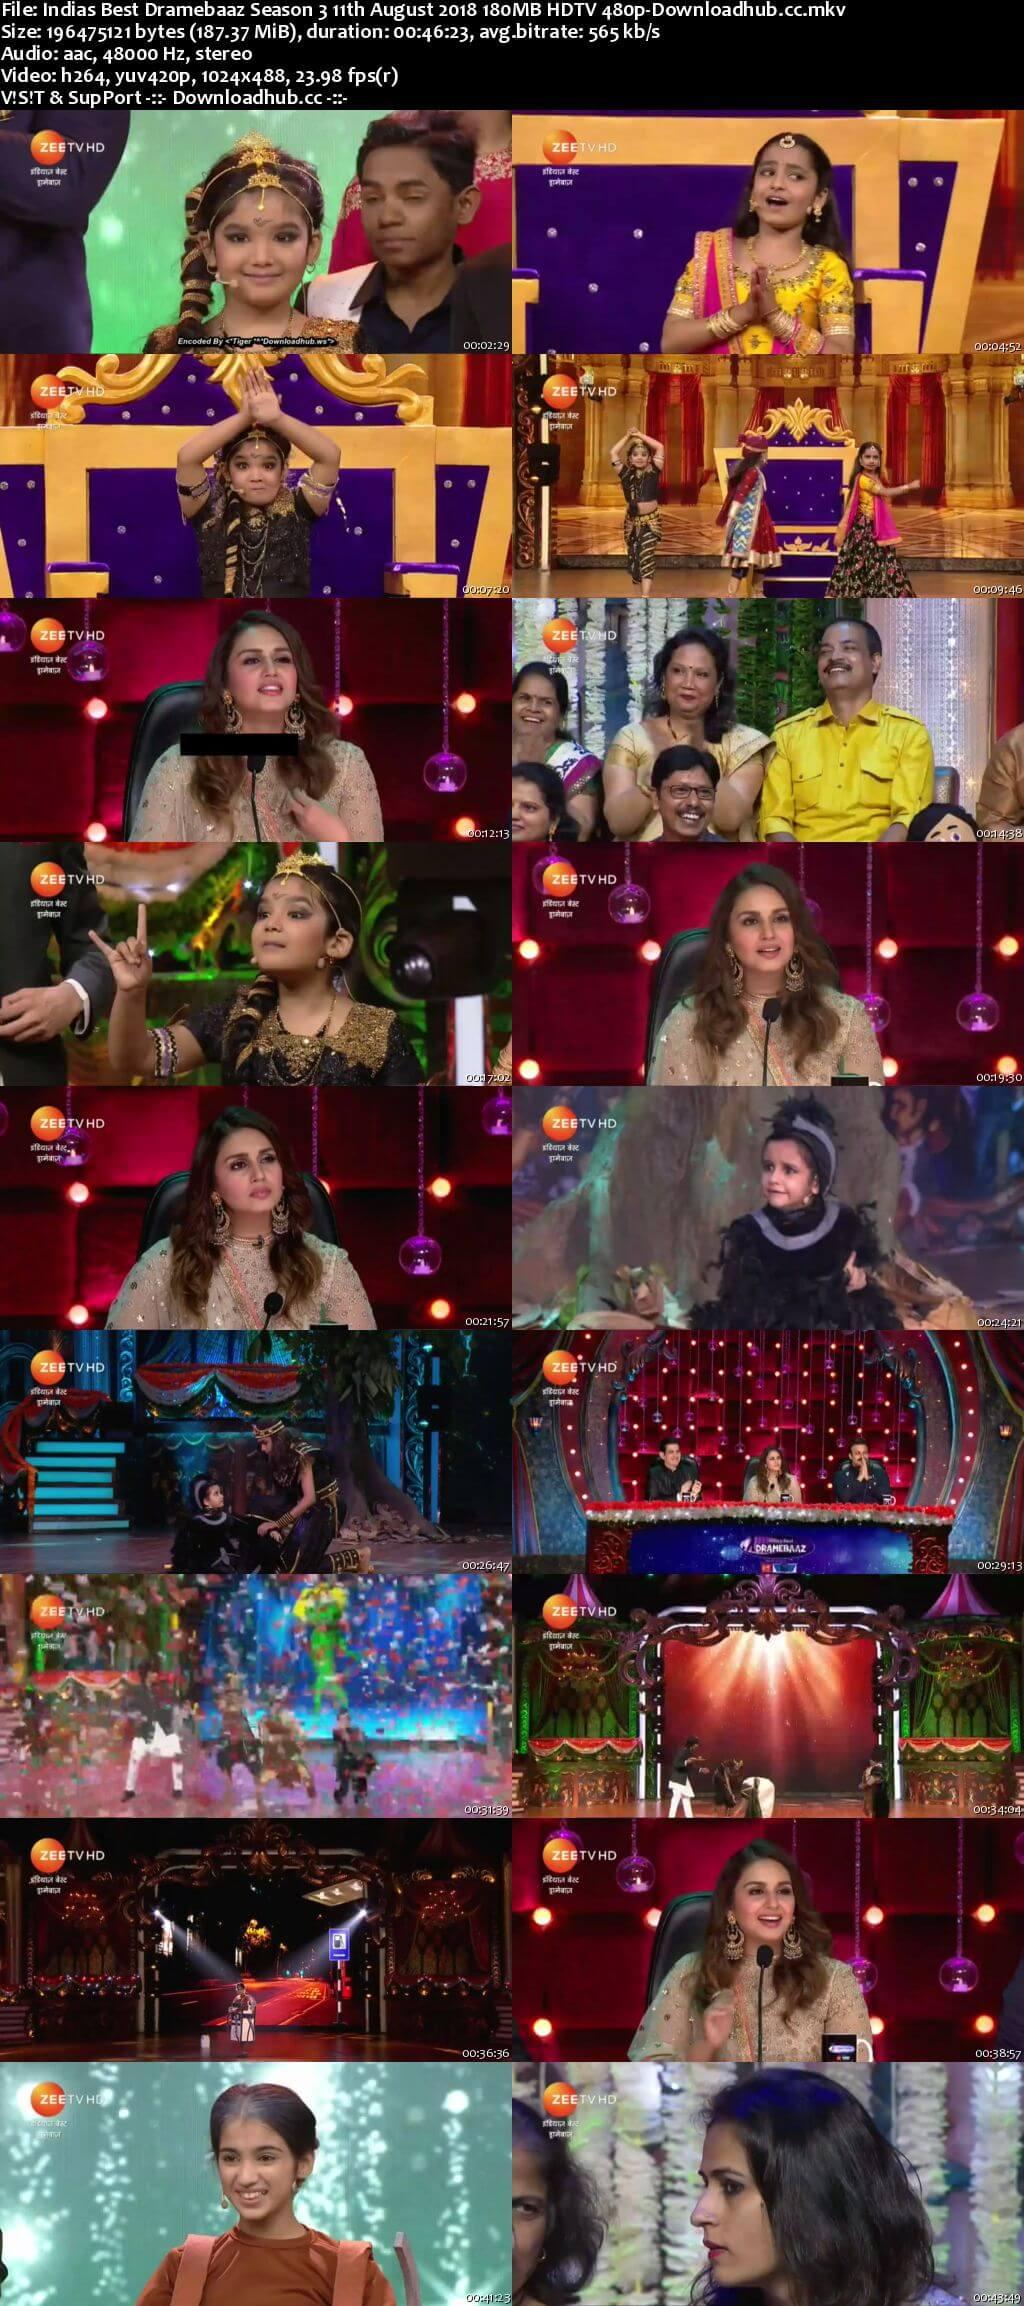 Indias Best Dramebaaz Season 3 11 August 2018 Episode 13 HDTV 480p